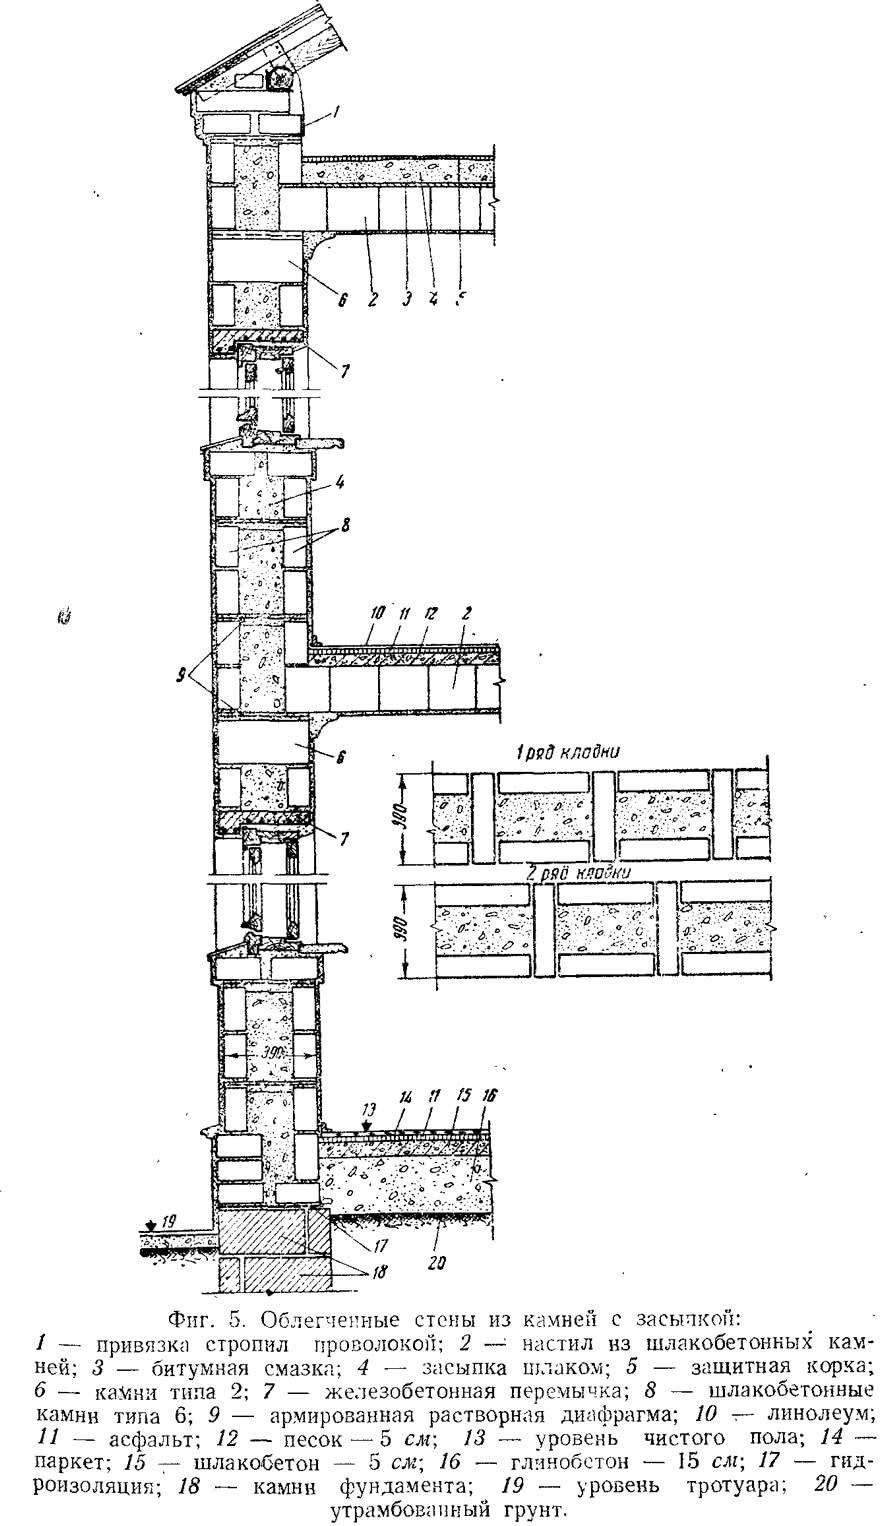 Фиг. 5. Облегченные стены из камней с засылкой